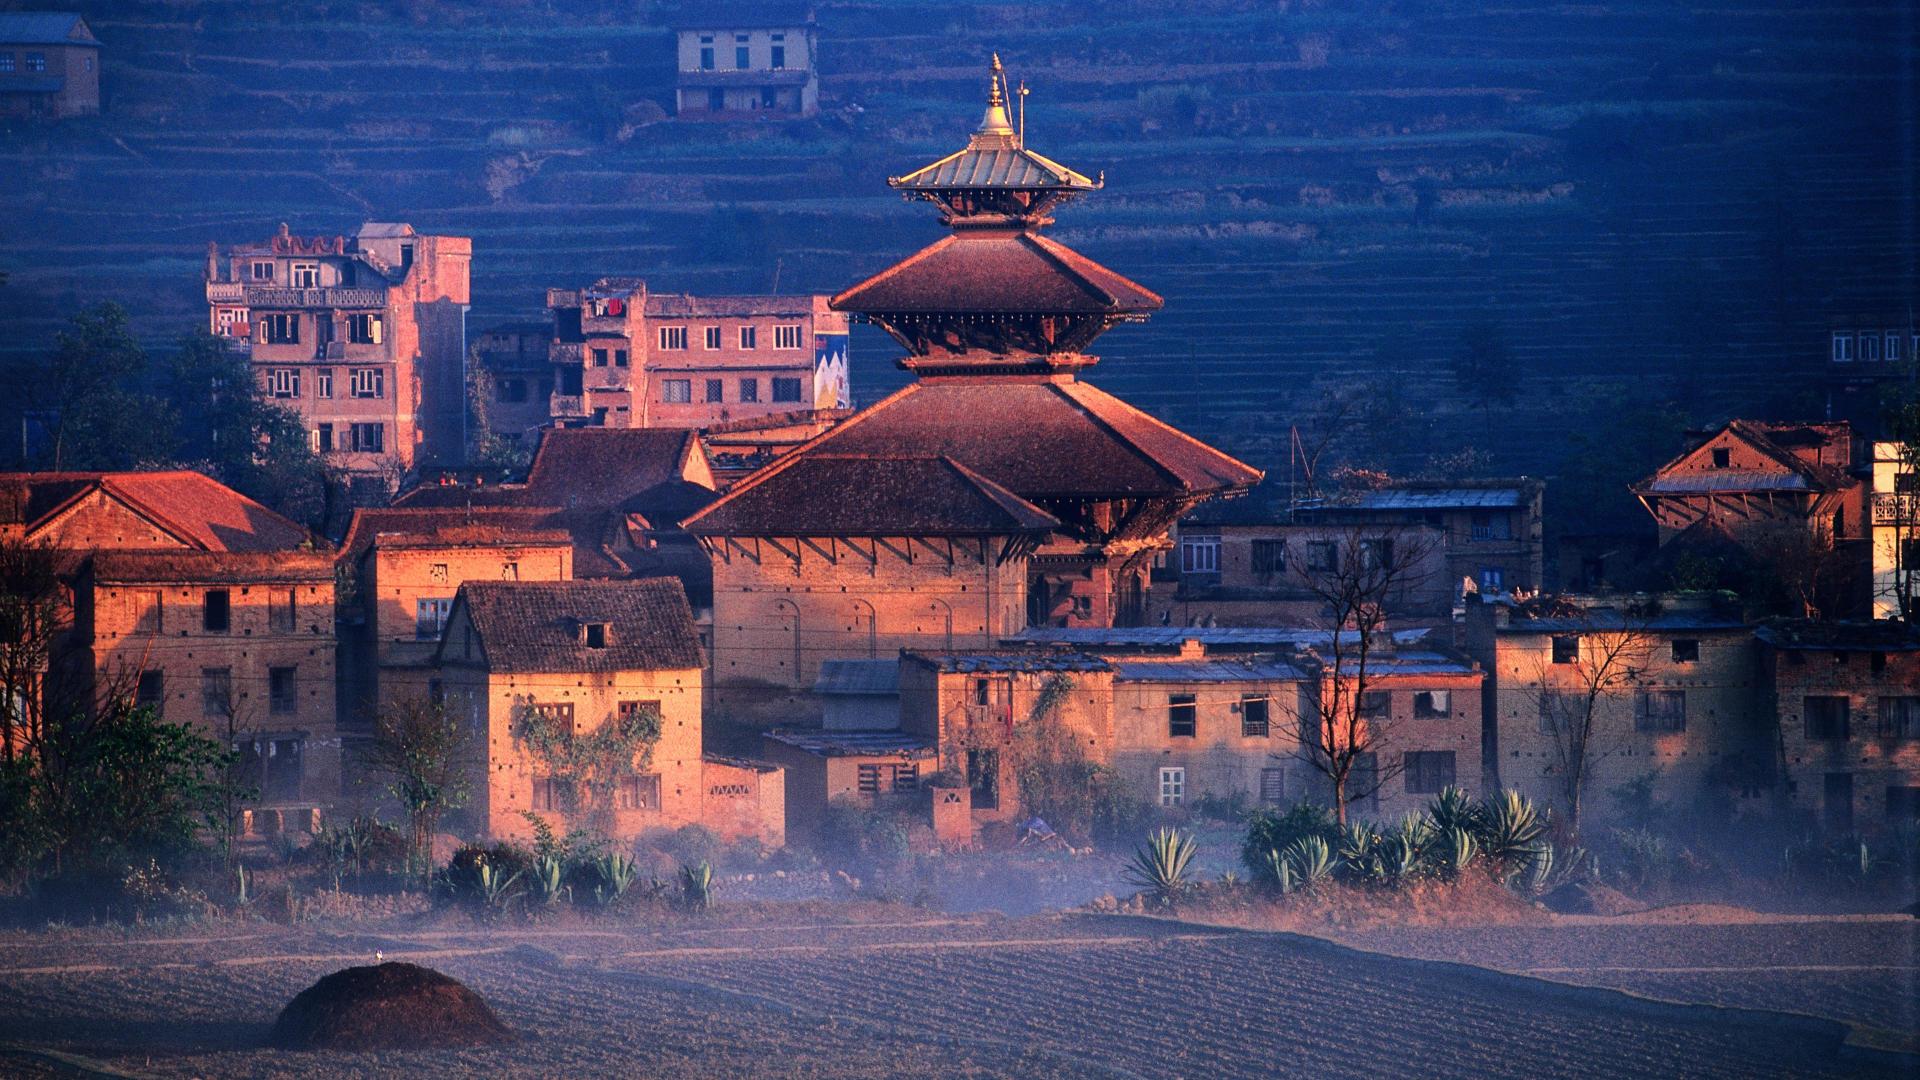 Nepal wallpaper hd wallpapersafari for Wallpaper photo